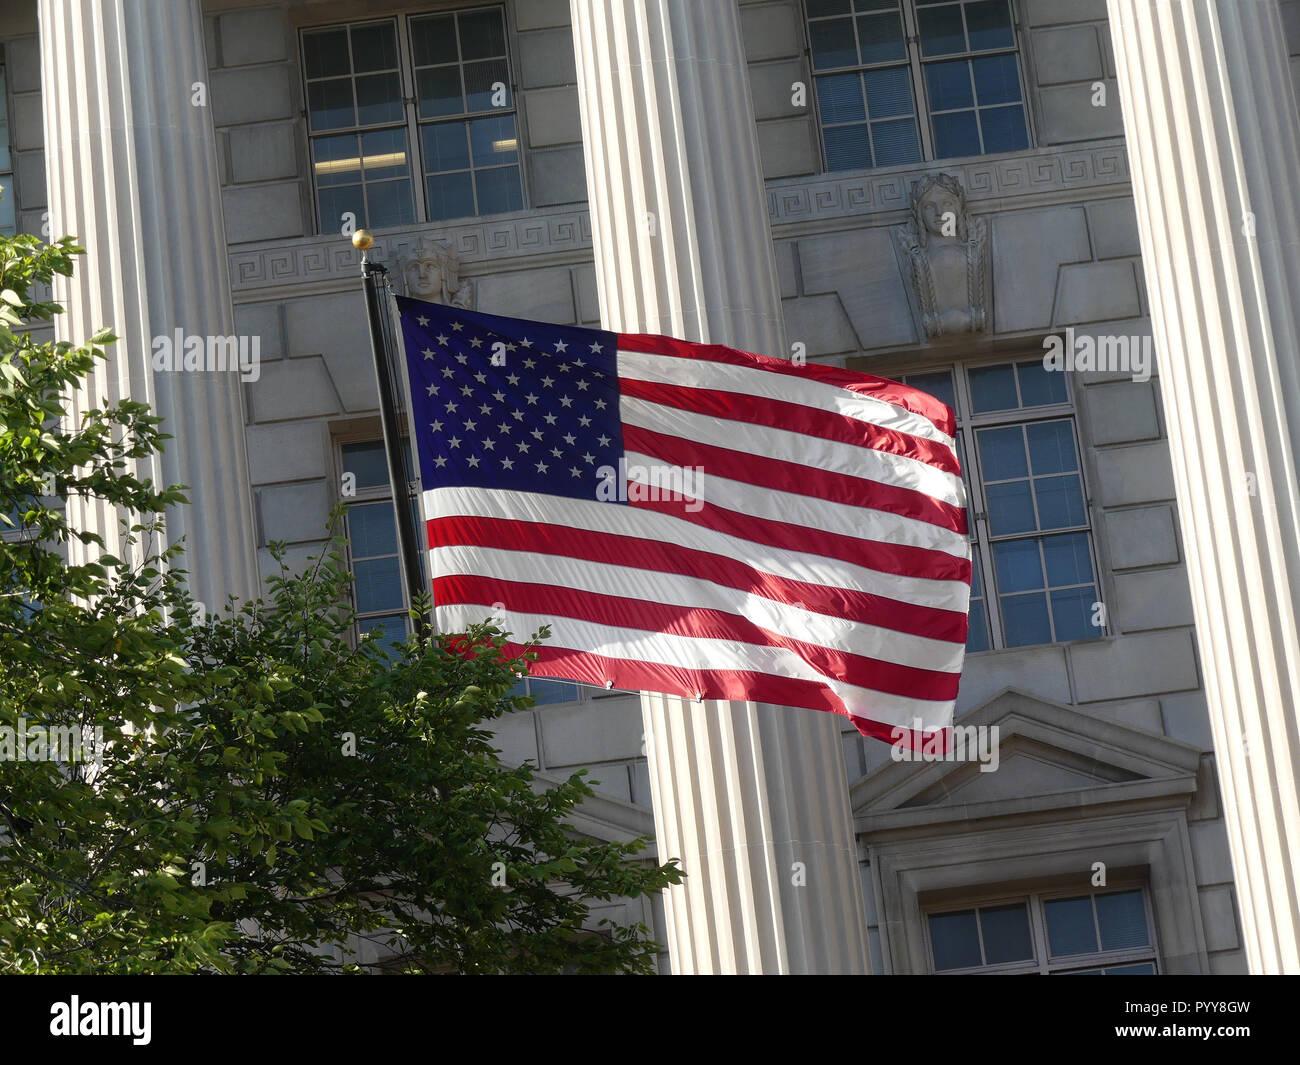 UNITED STATES FLAG Old Glory in Washington, D.C. Photo: Tony Gale - Stock Image